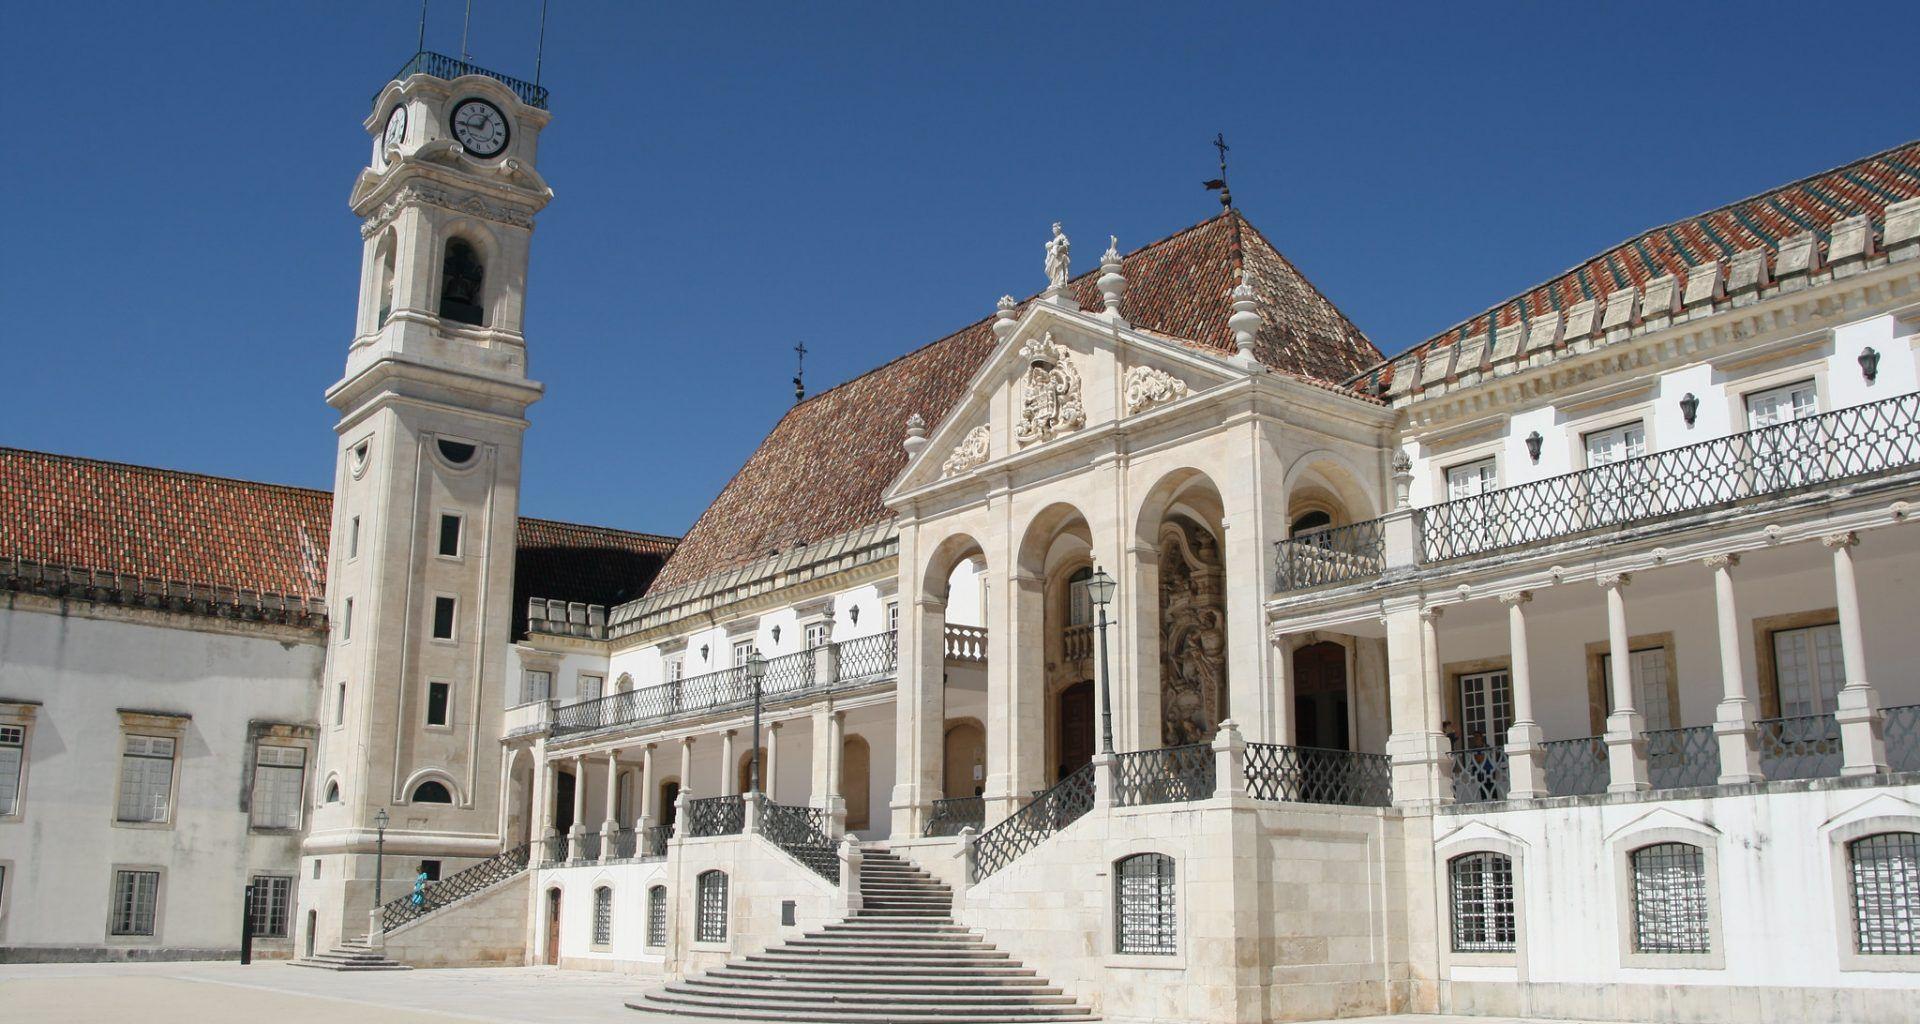 Universidade de Coimbra, Coimbra, Portugal